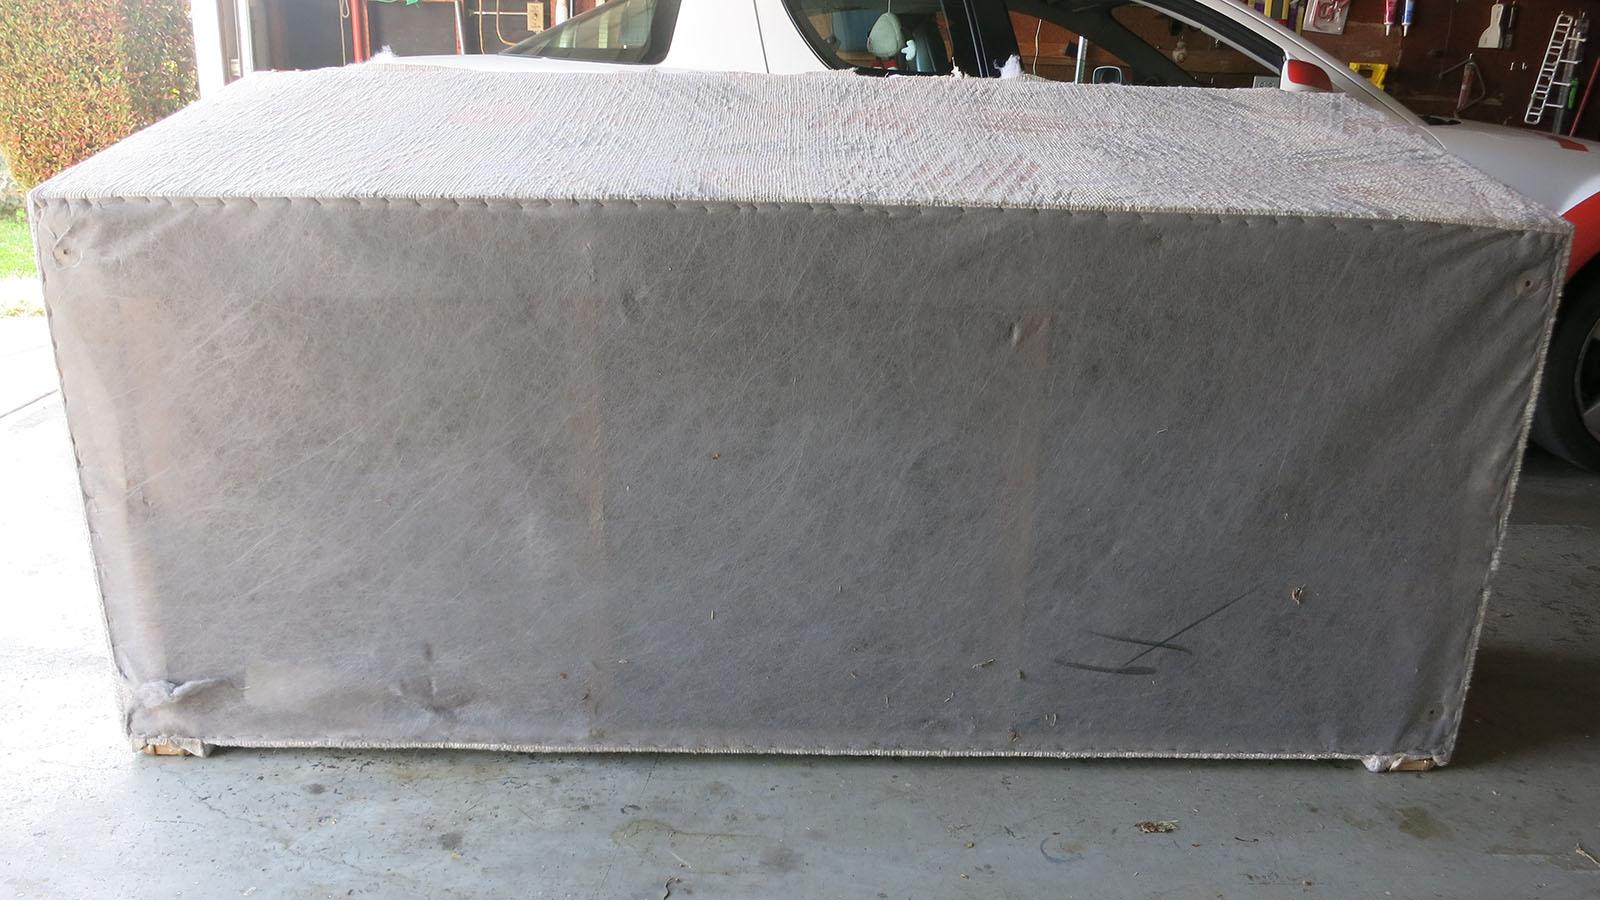 Couch Teardown 06 - tear resistant bottom